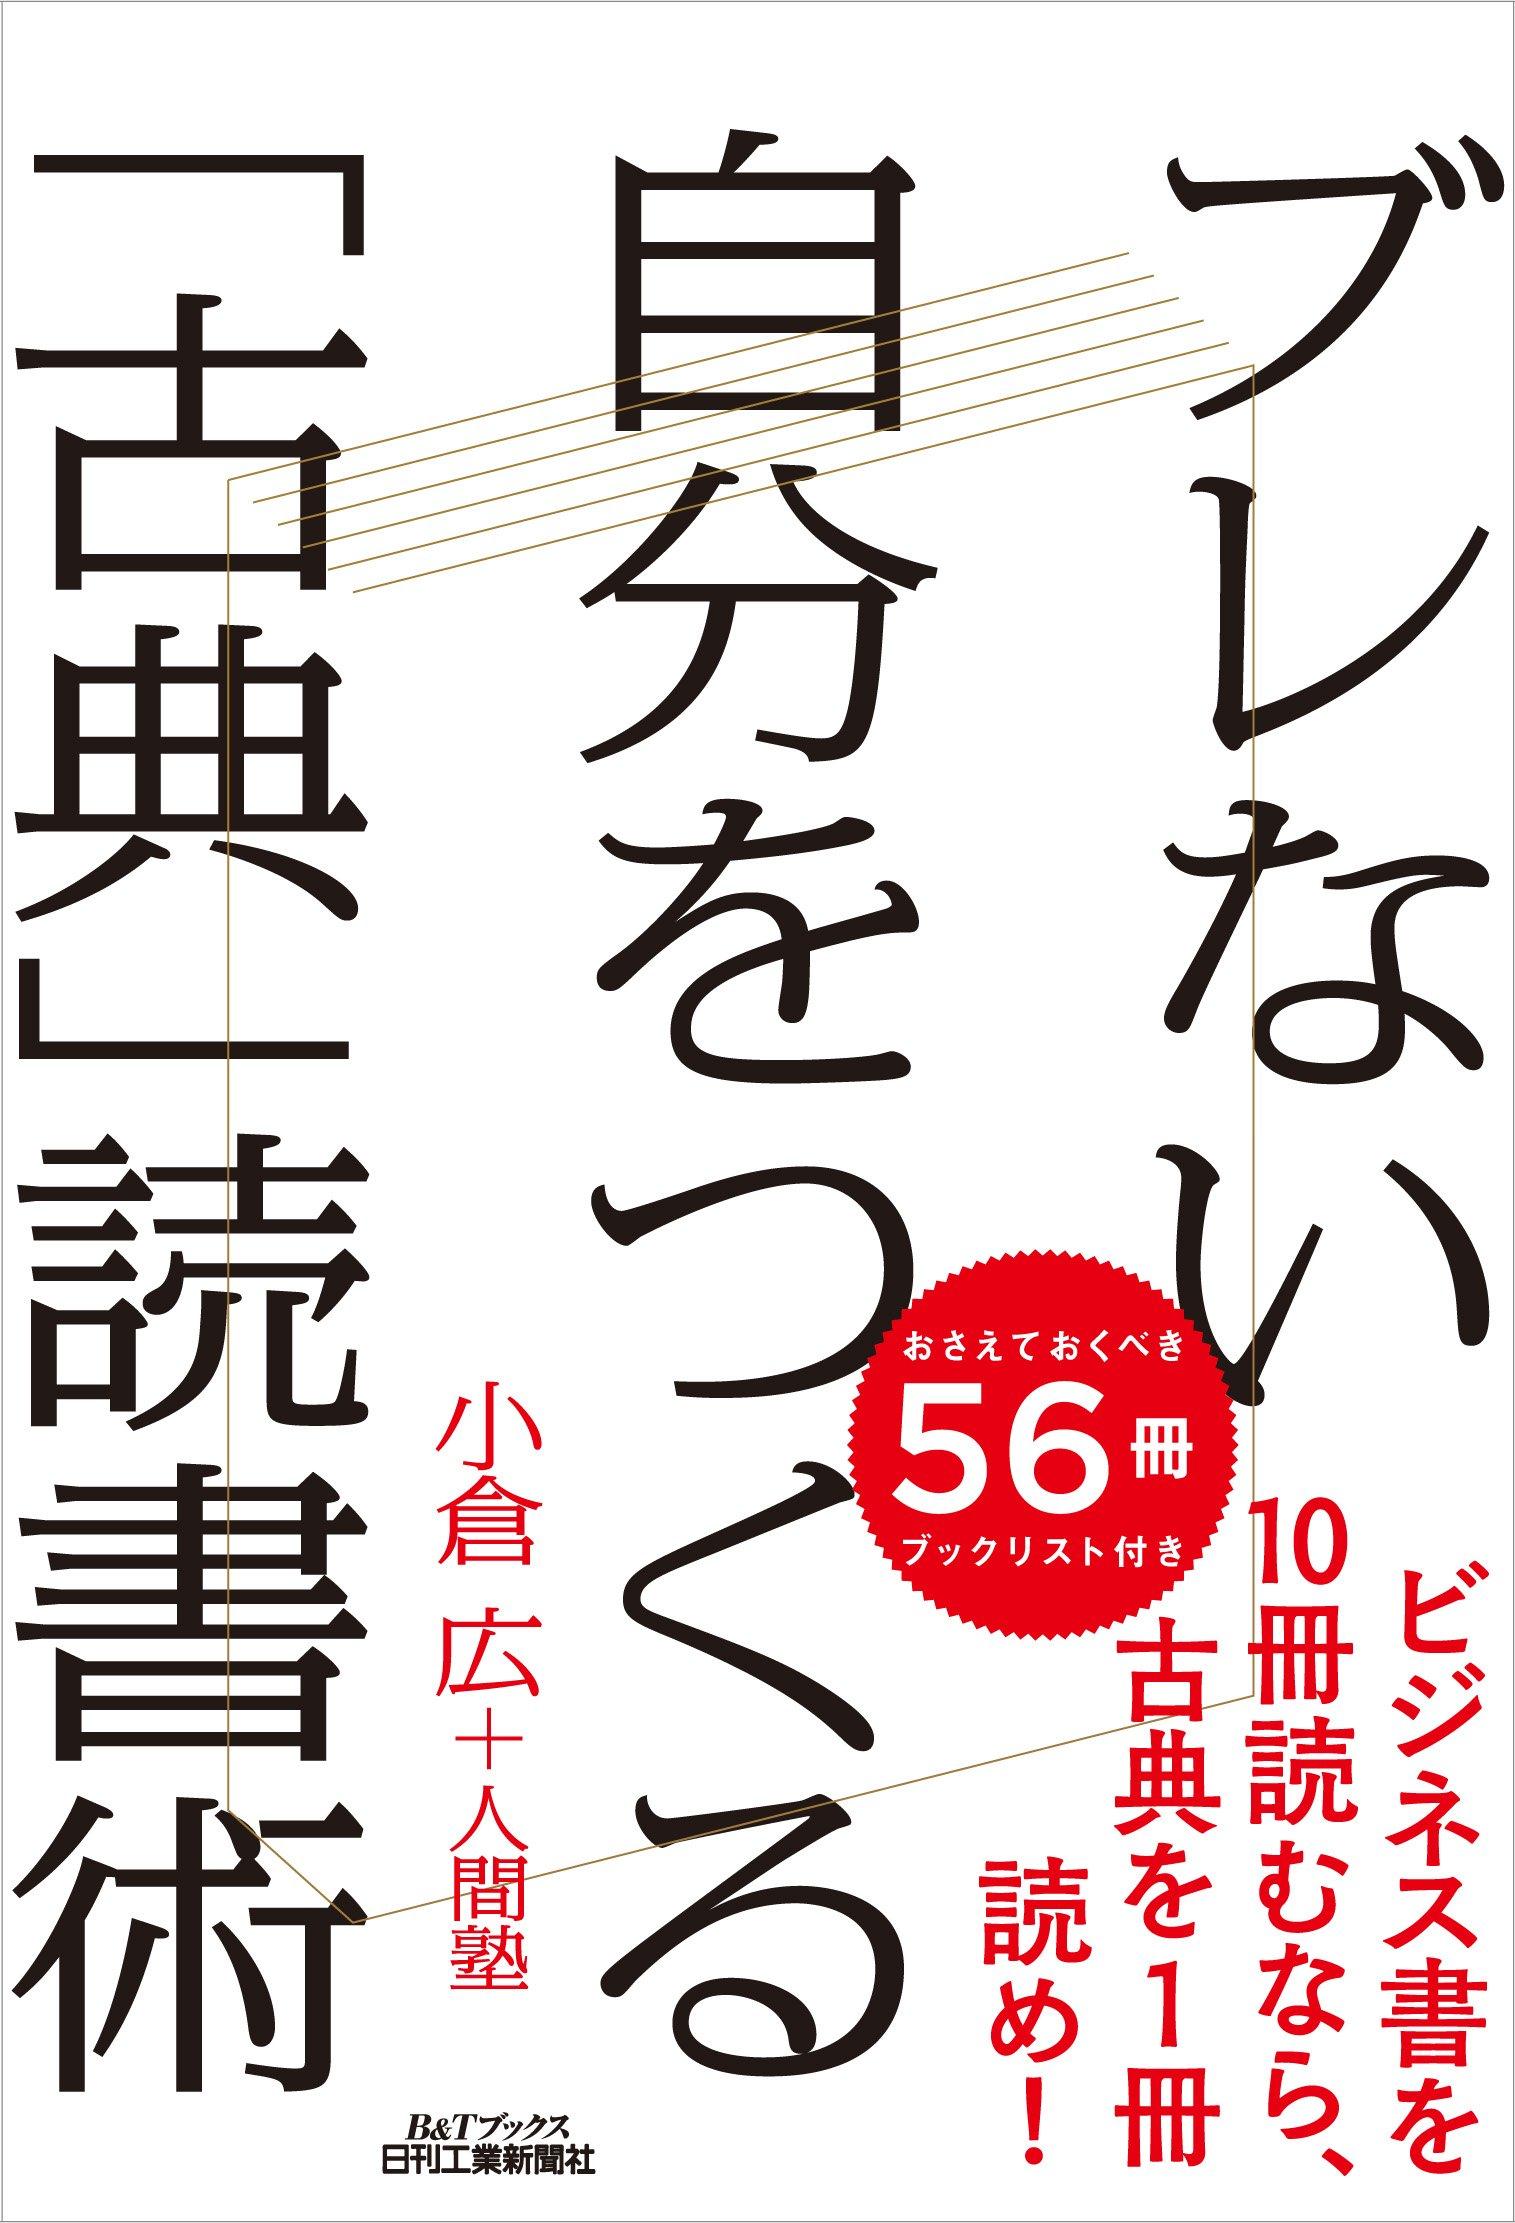 【 新刊予約開始 】ブレない自分をつくる「古典」読書術